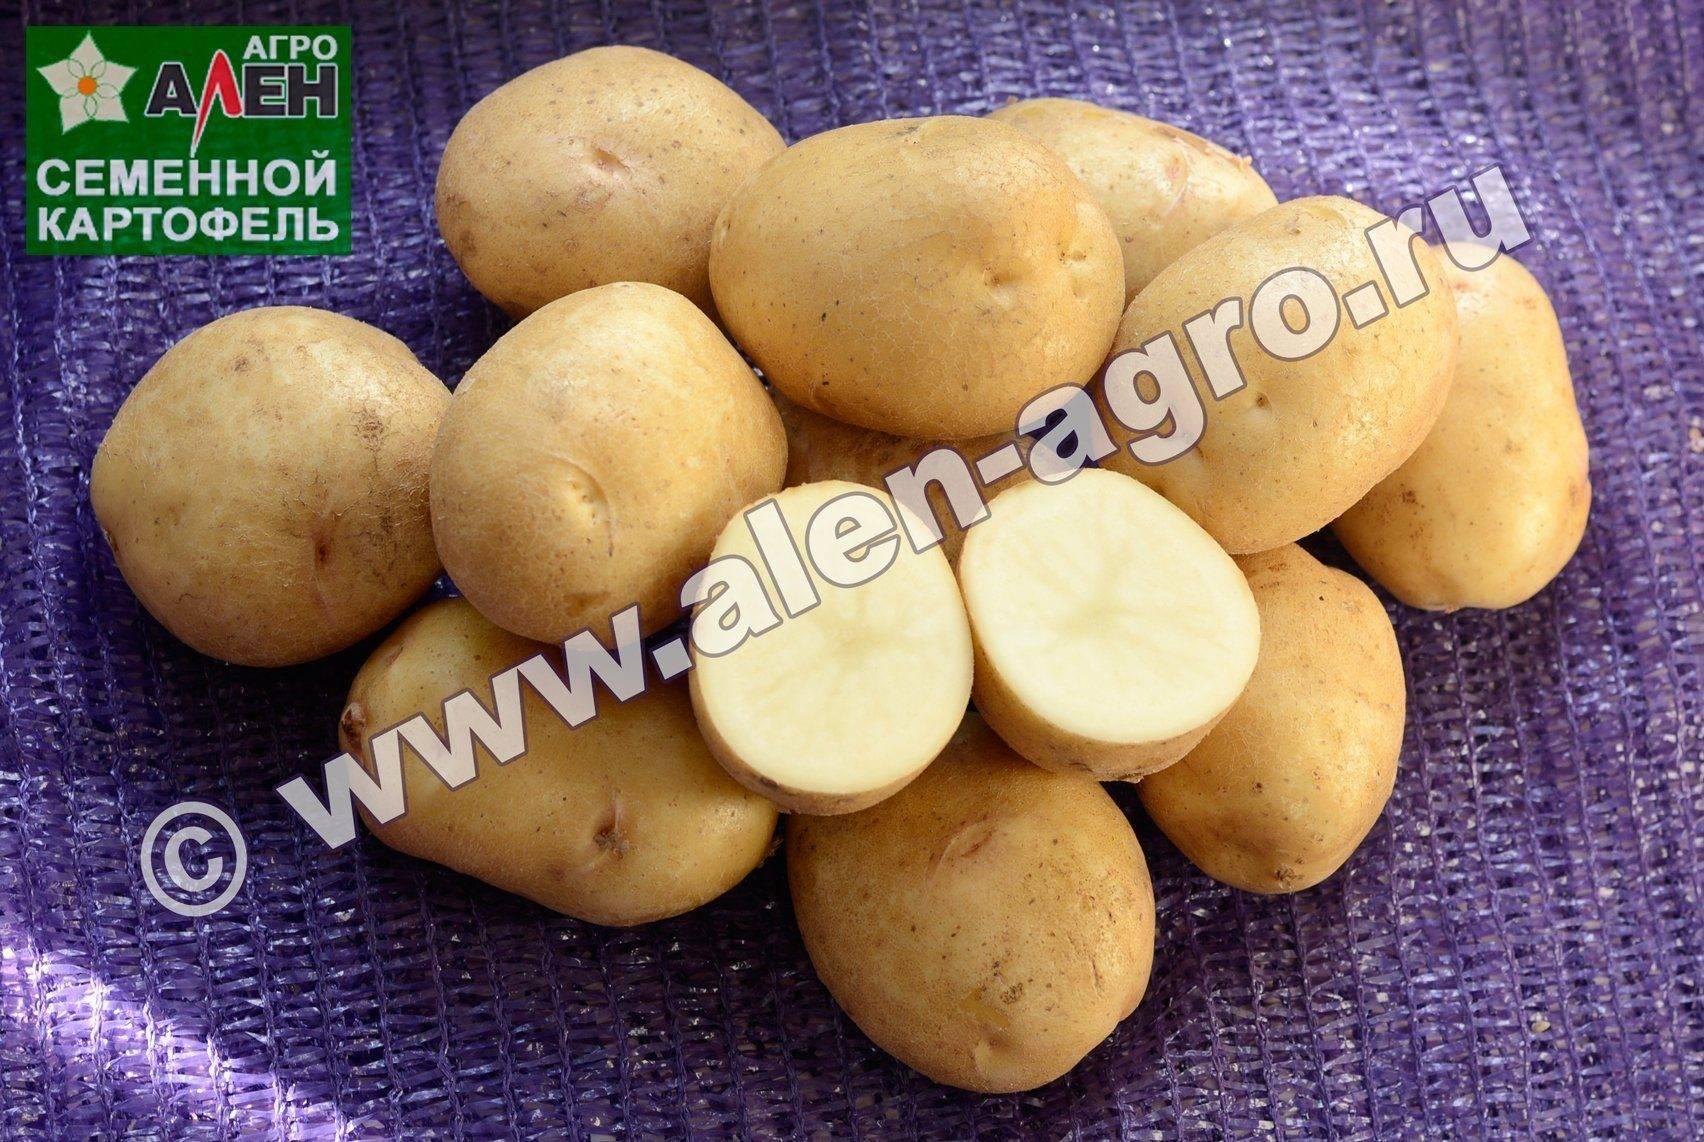 шоу были фото битвы картофеля невский она небольшой